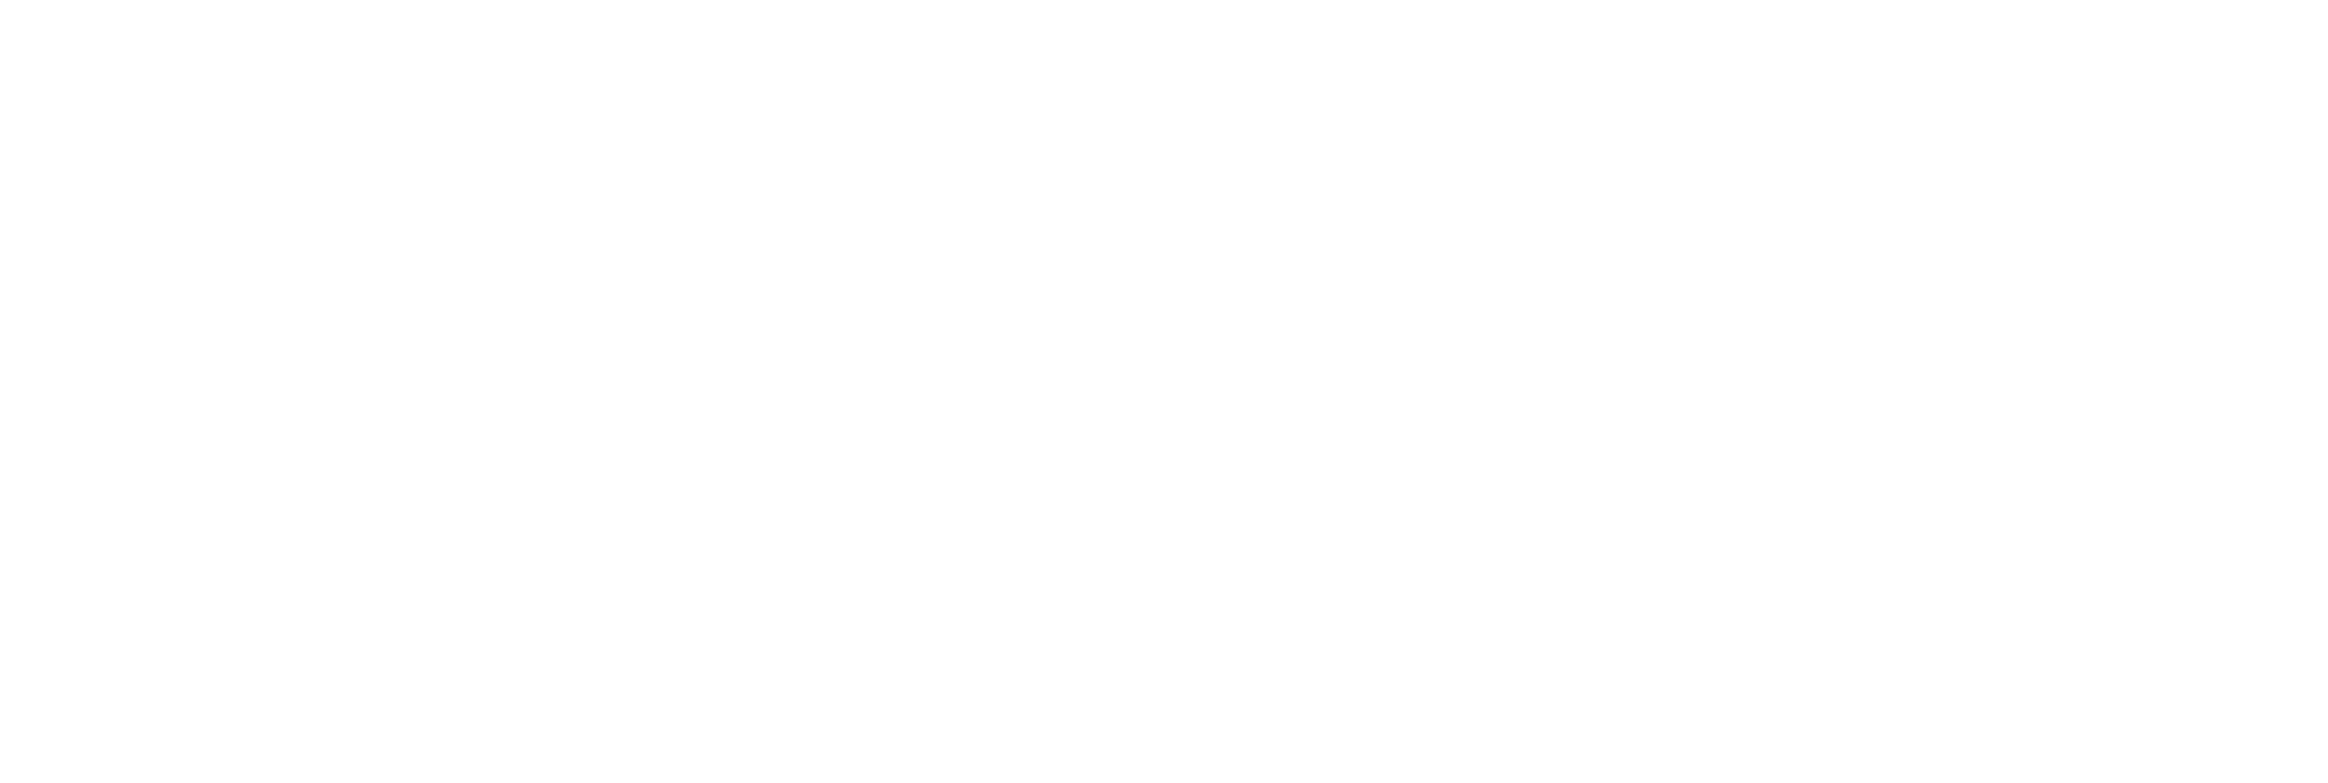 York Vrf